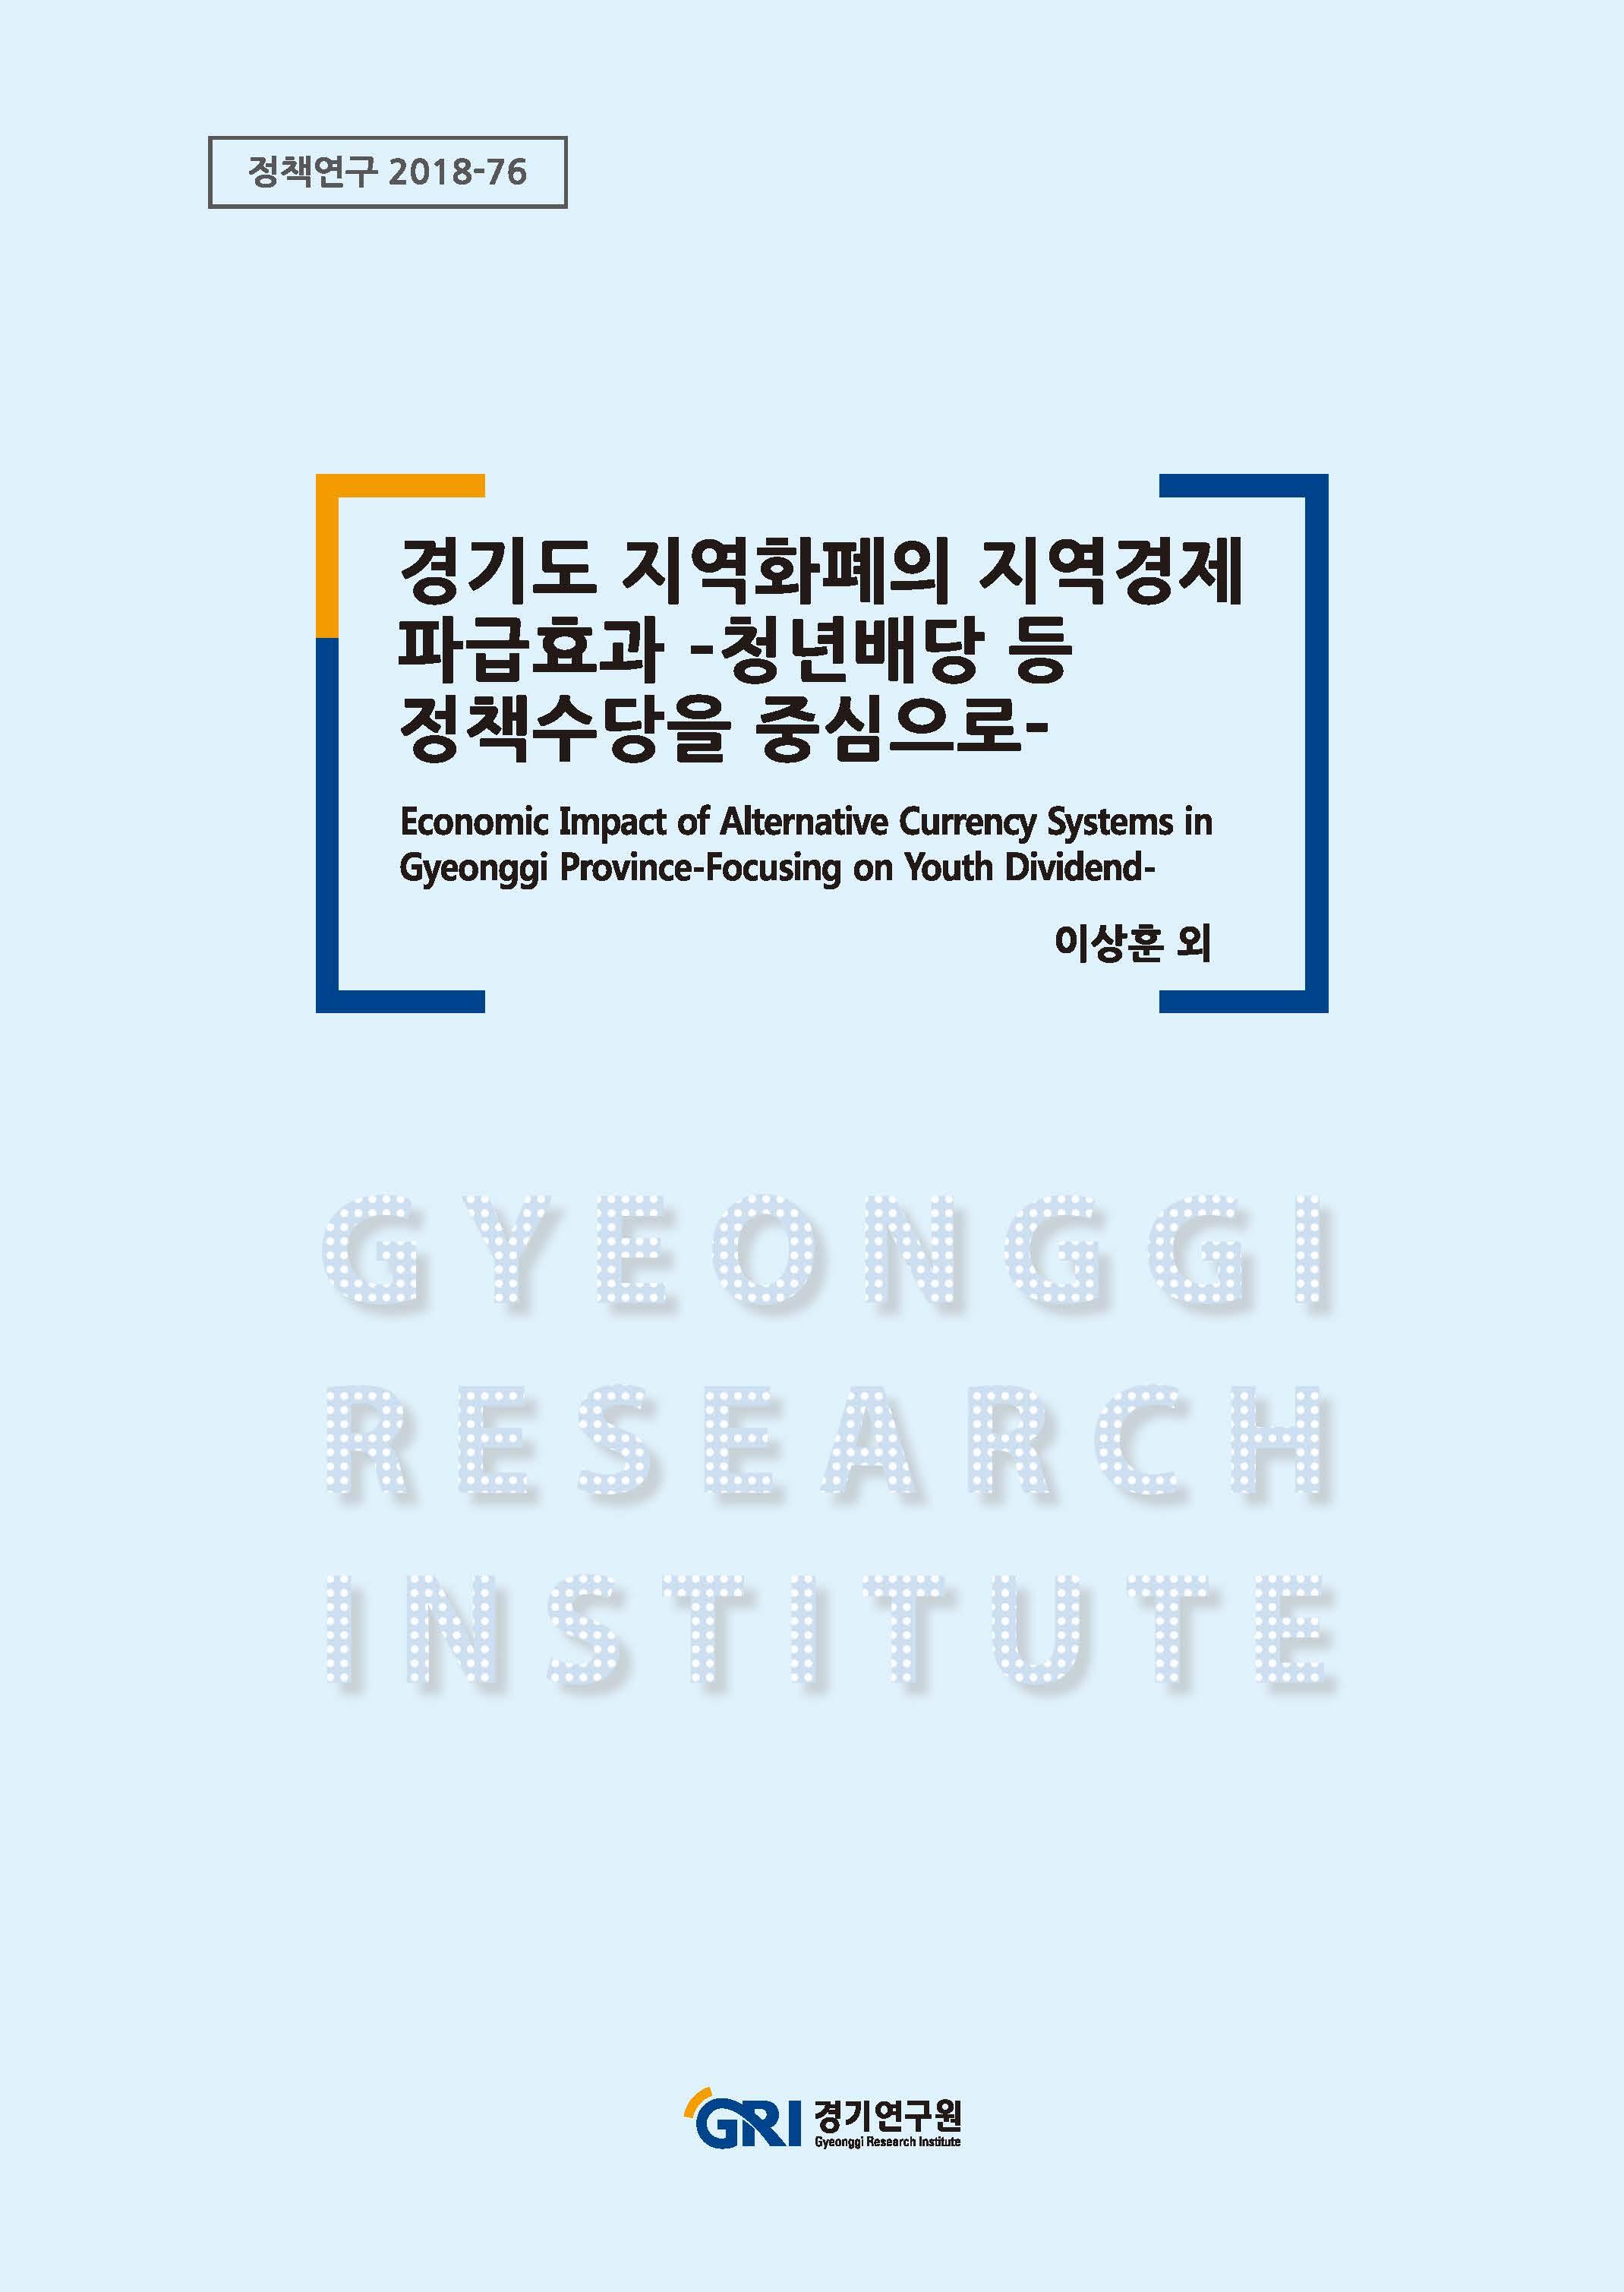 경기도 지역화폐의 지역경제 파급효과 : 청년배당 등 정책수당을 중심으로